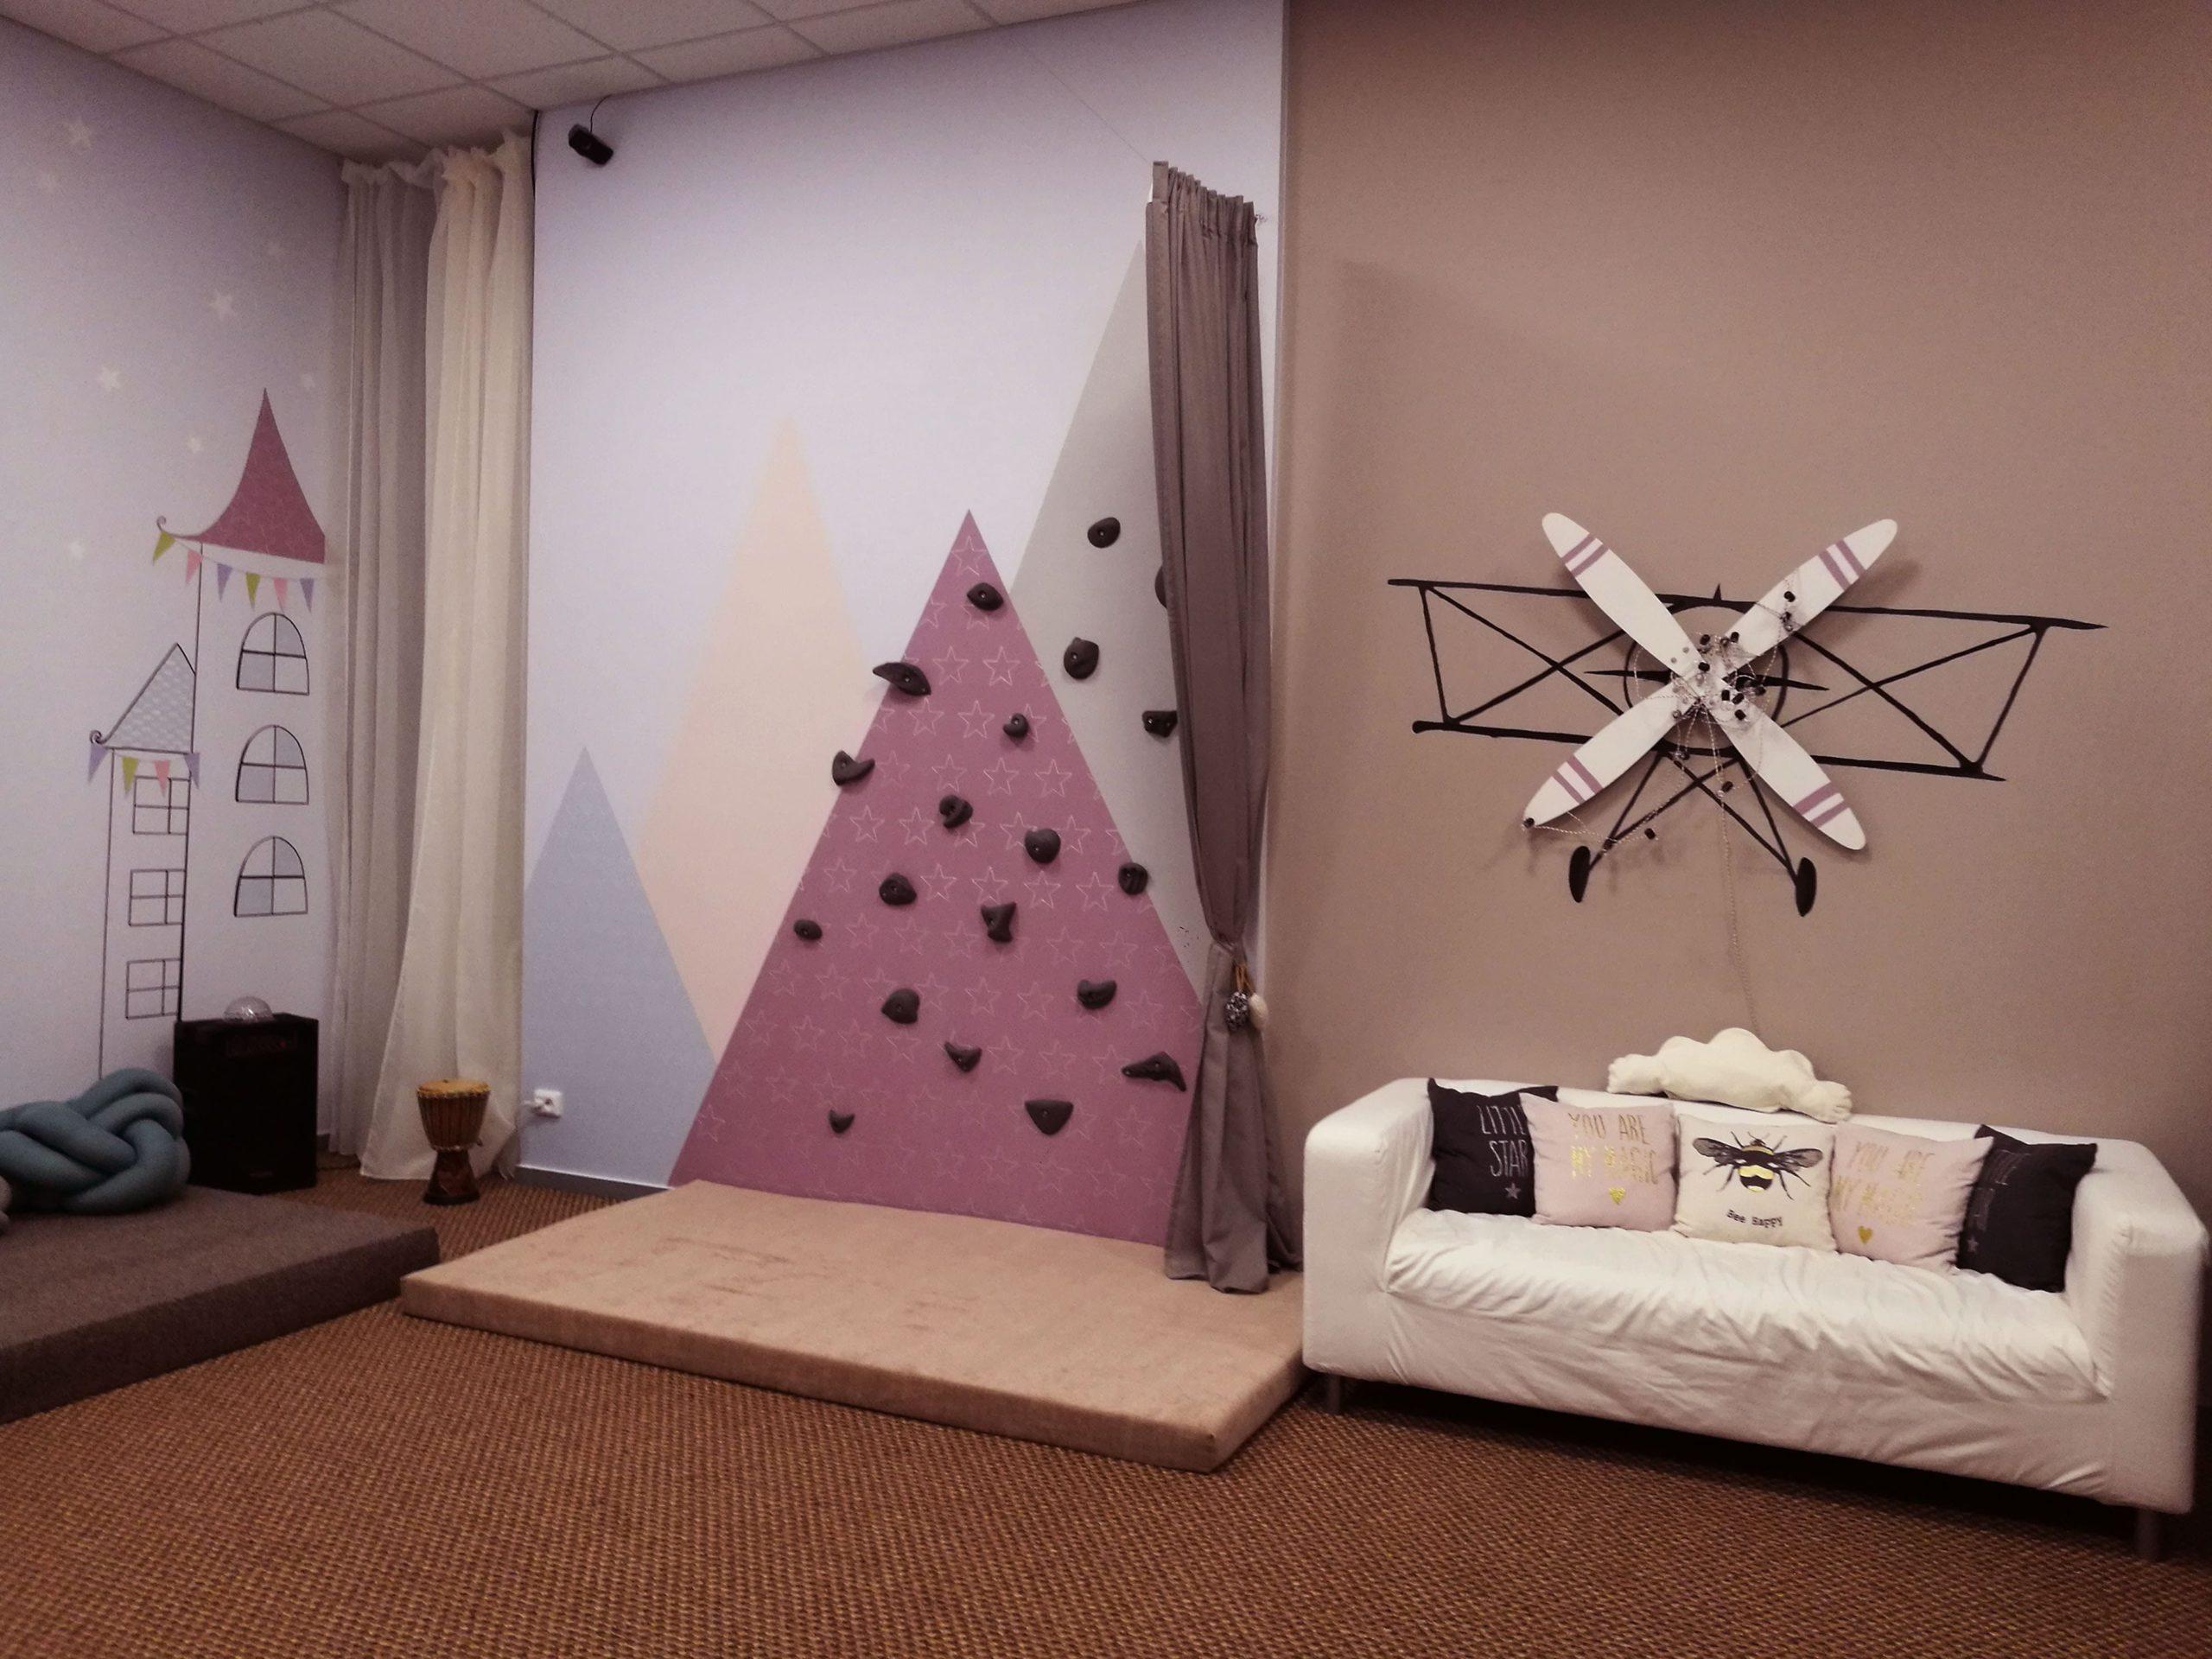 menine-kuryba-sienu-dekoravimas-ugdymo-istaigos (19)